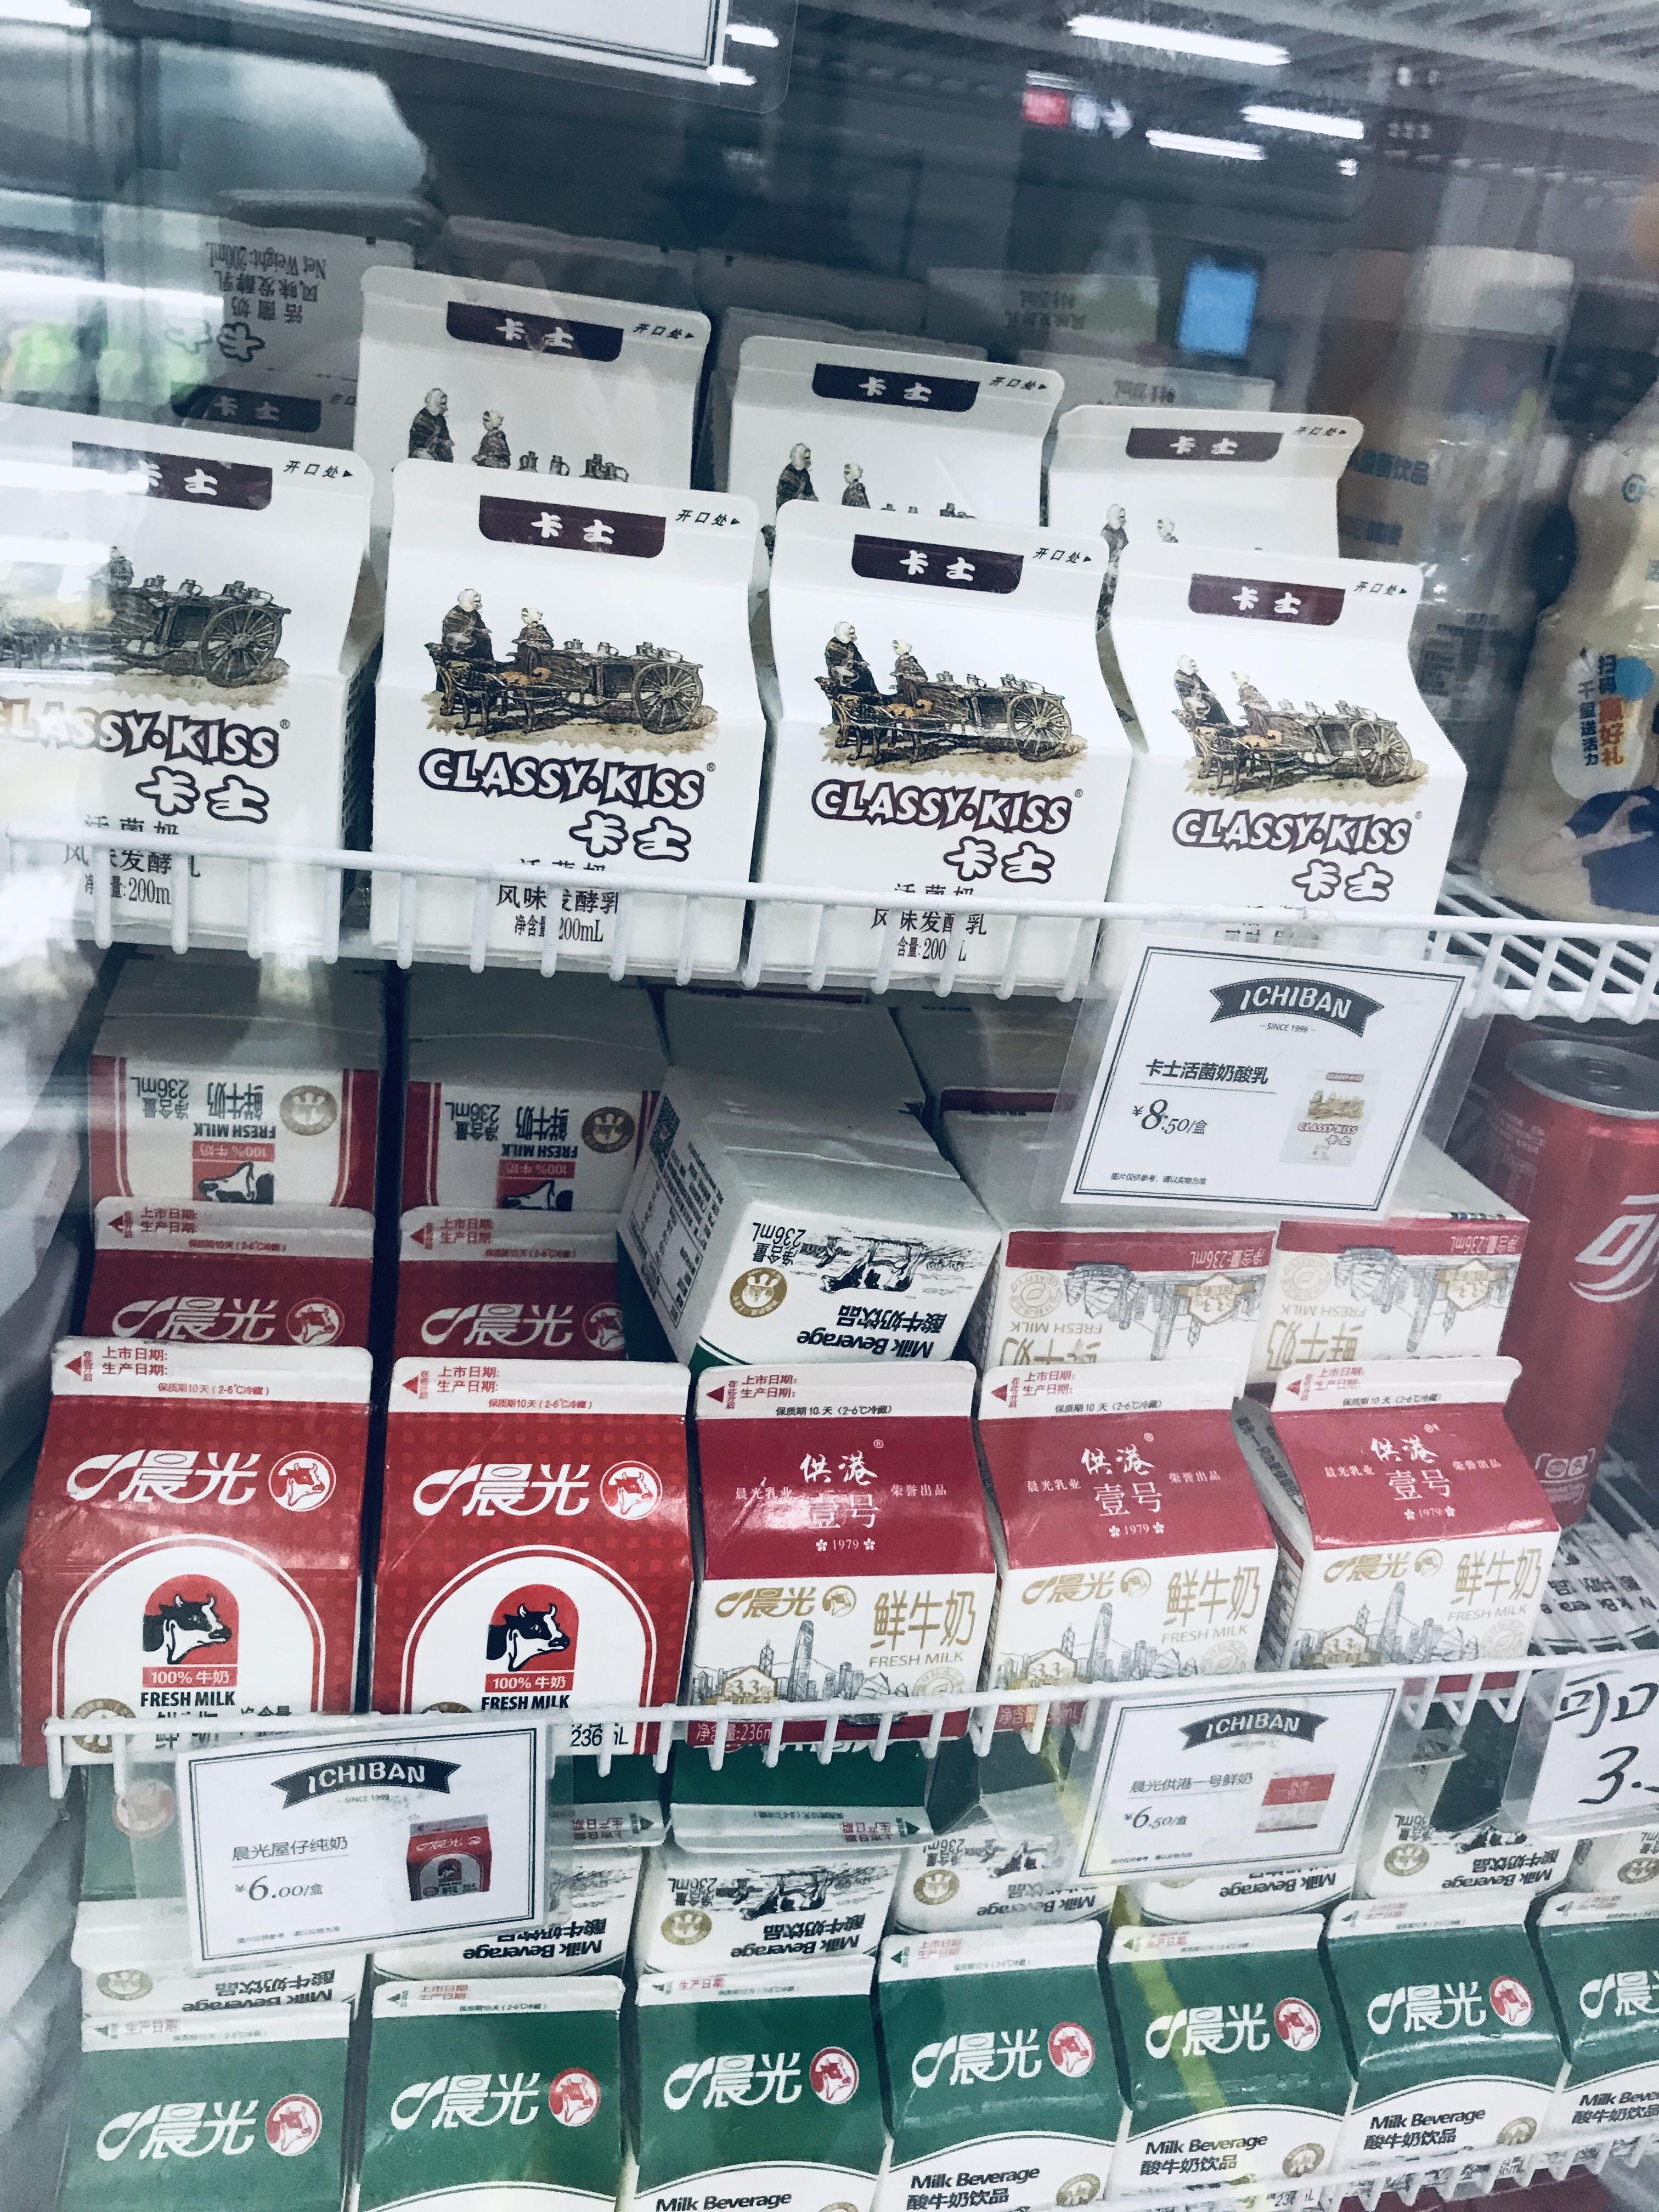 牛乳8元がビール4元の値段の倍に驚く!中国も安全はカネで買う時代へ!メラミン粉ミルク事件 5